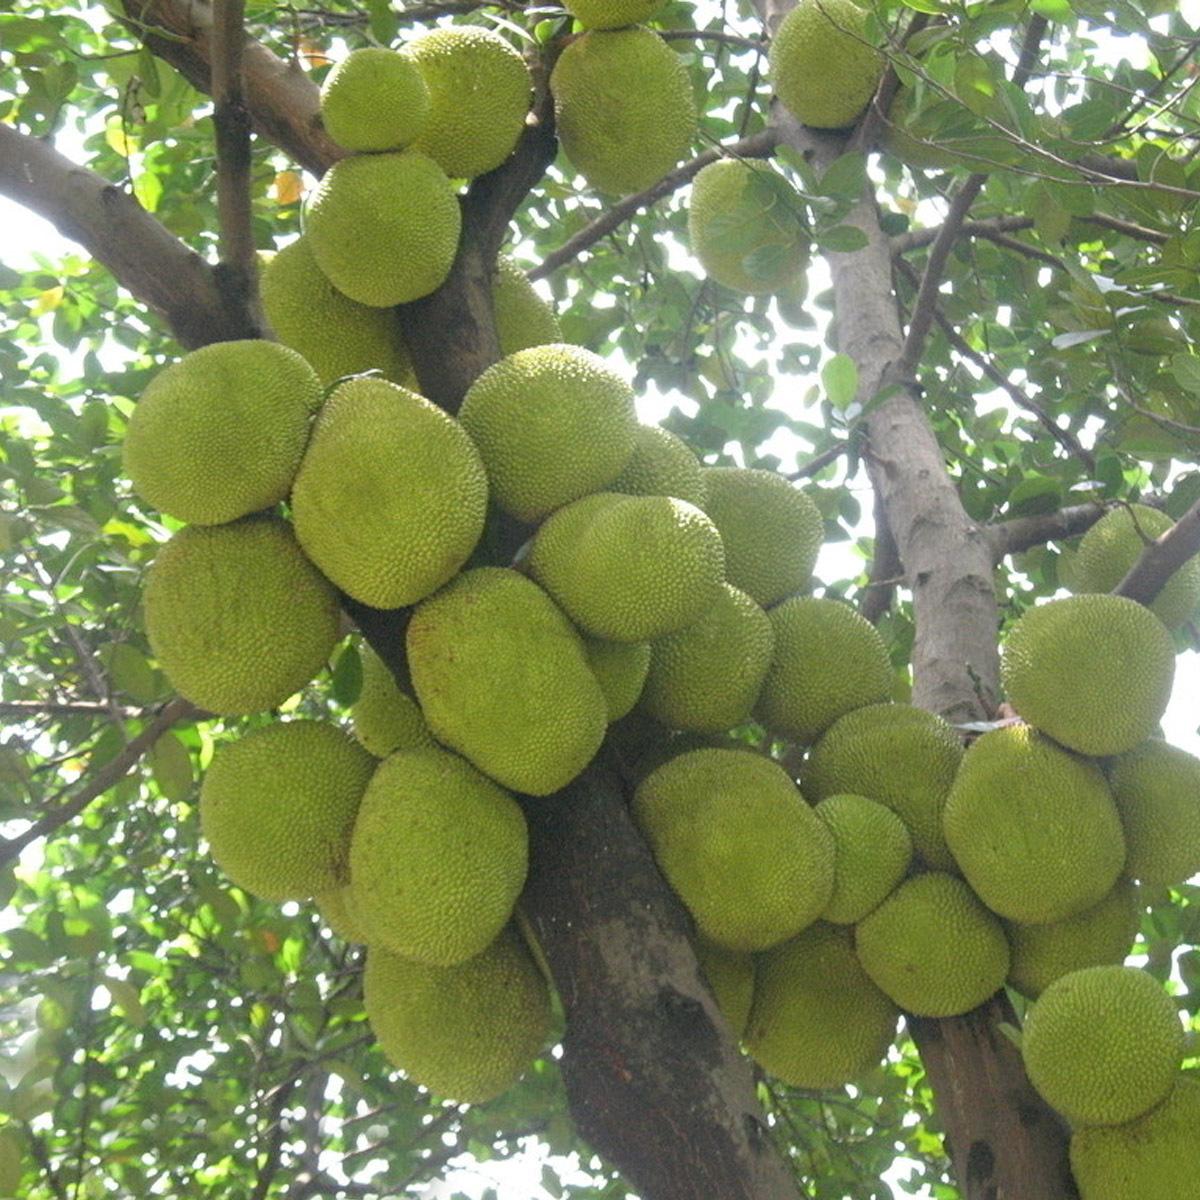 世界上最大的水果——菠蘿蜜